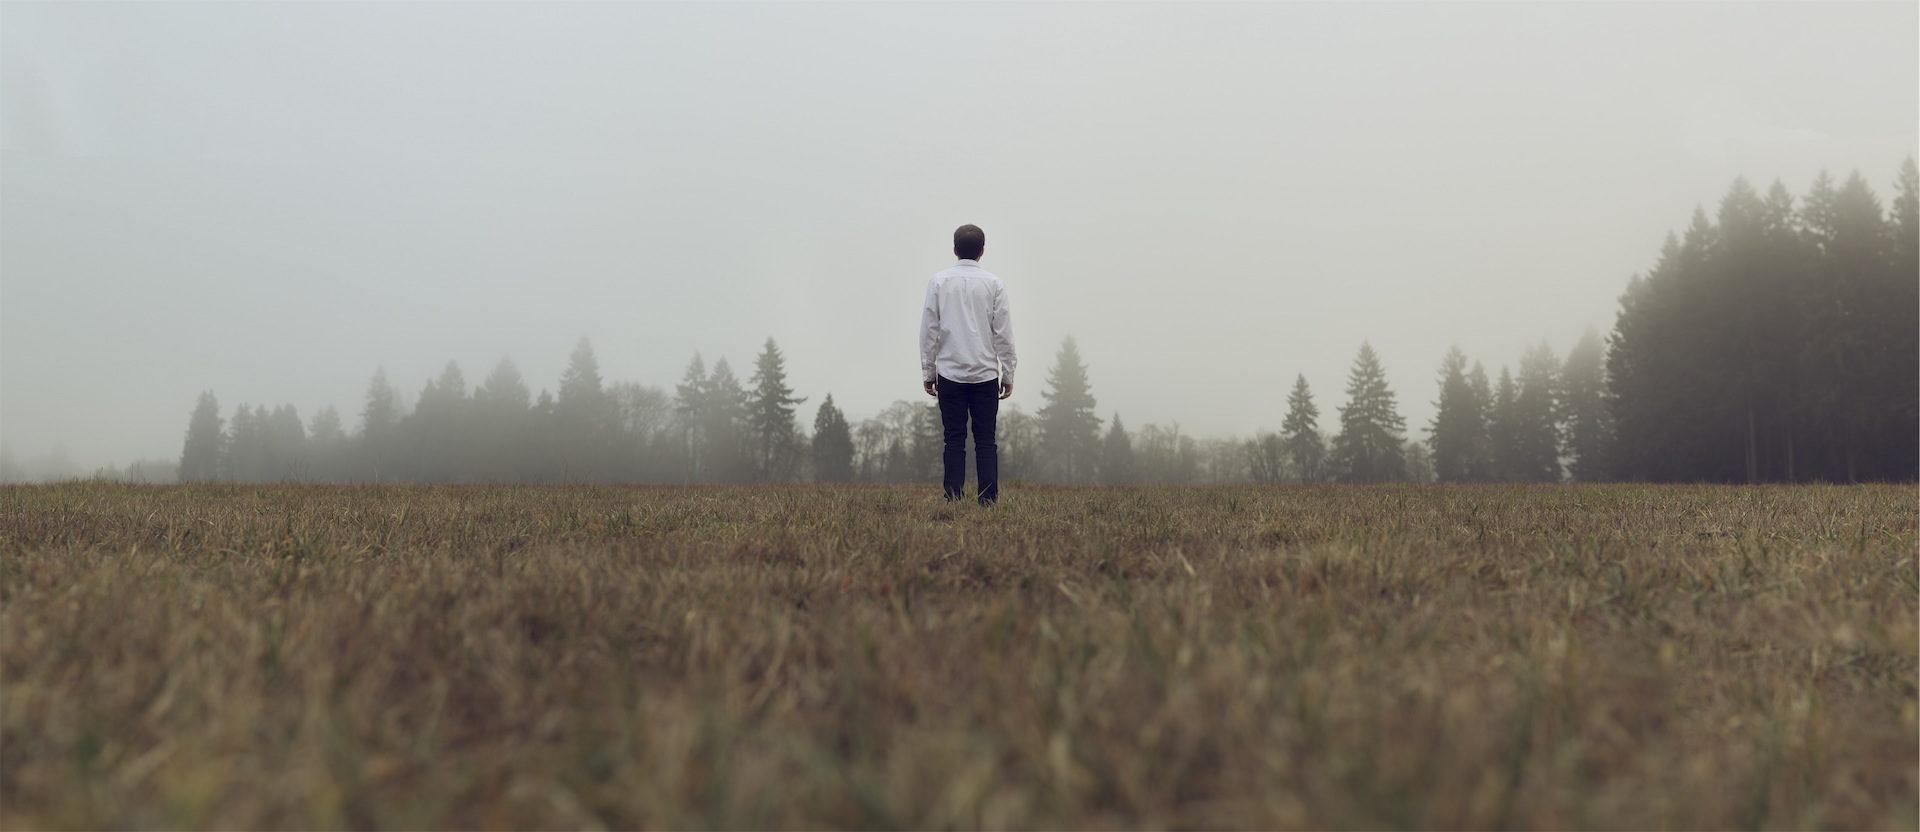 δάσος, Σπιανάδα, ο άνθρωπος, Soledad, ομίχλη - Wallpapers HD - Professor-falken.com